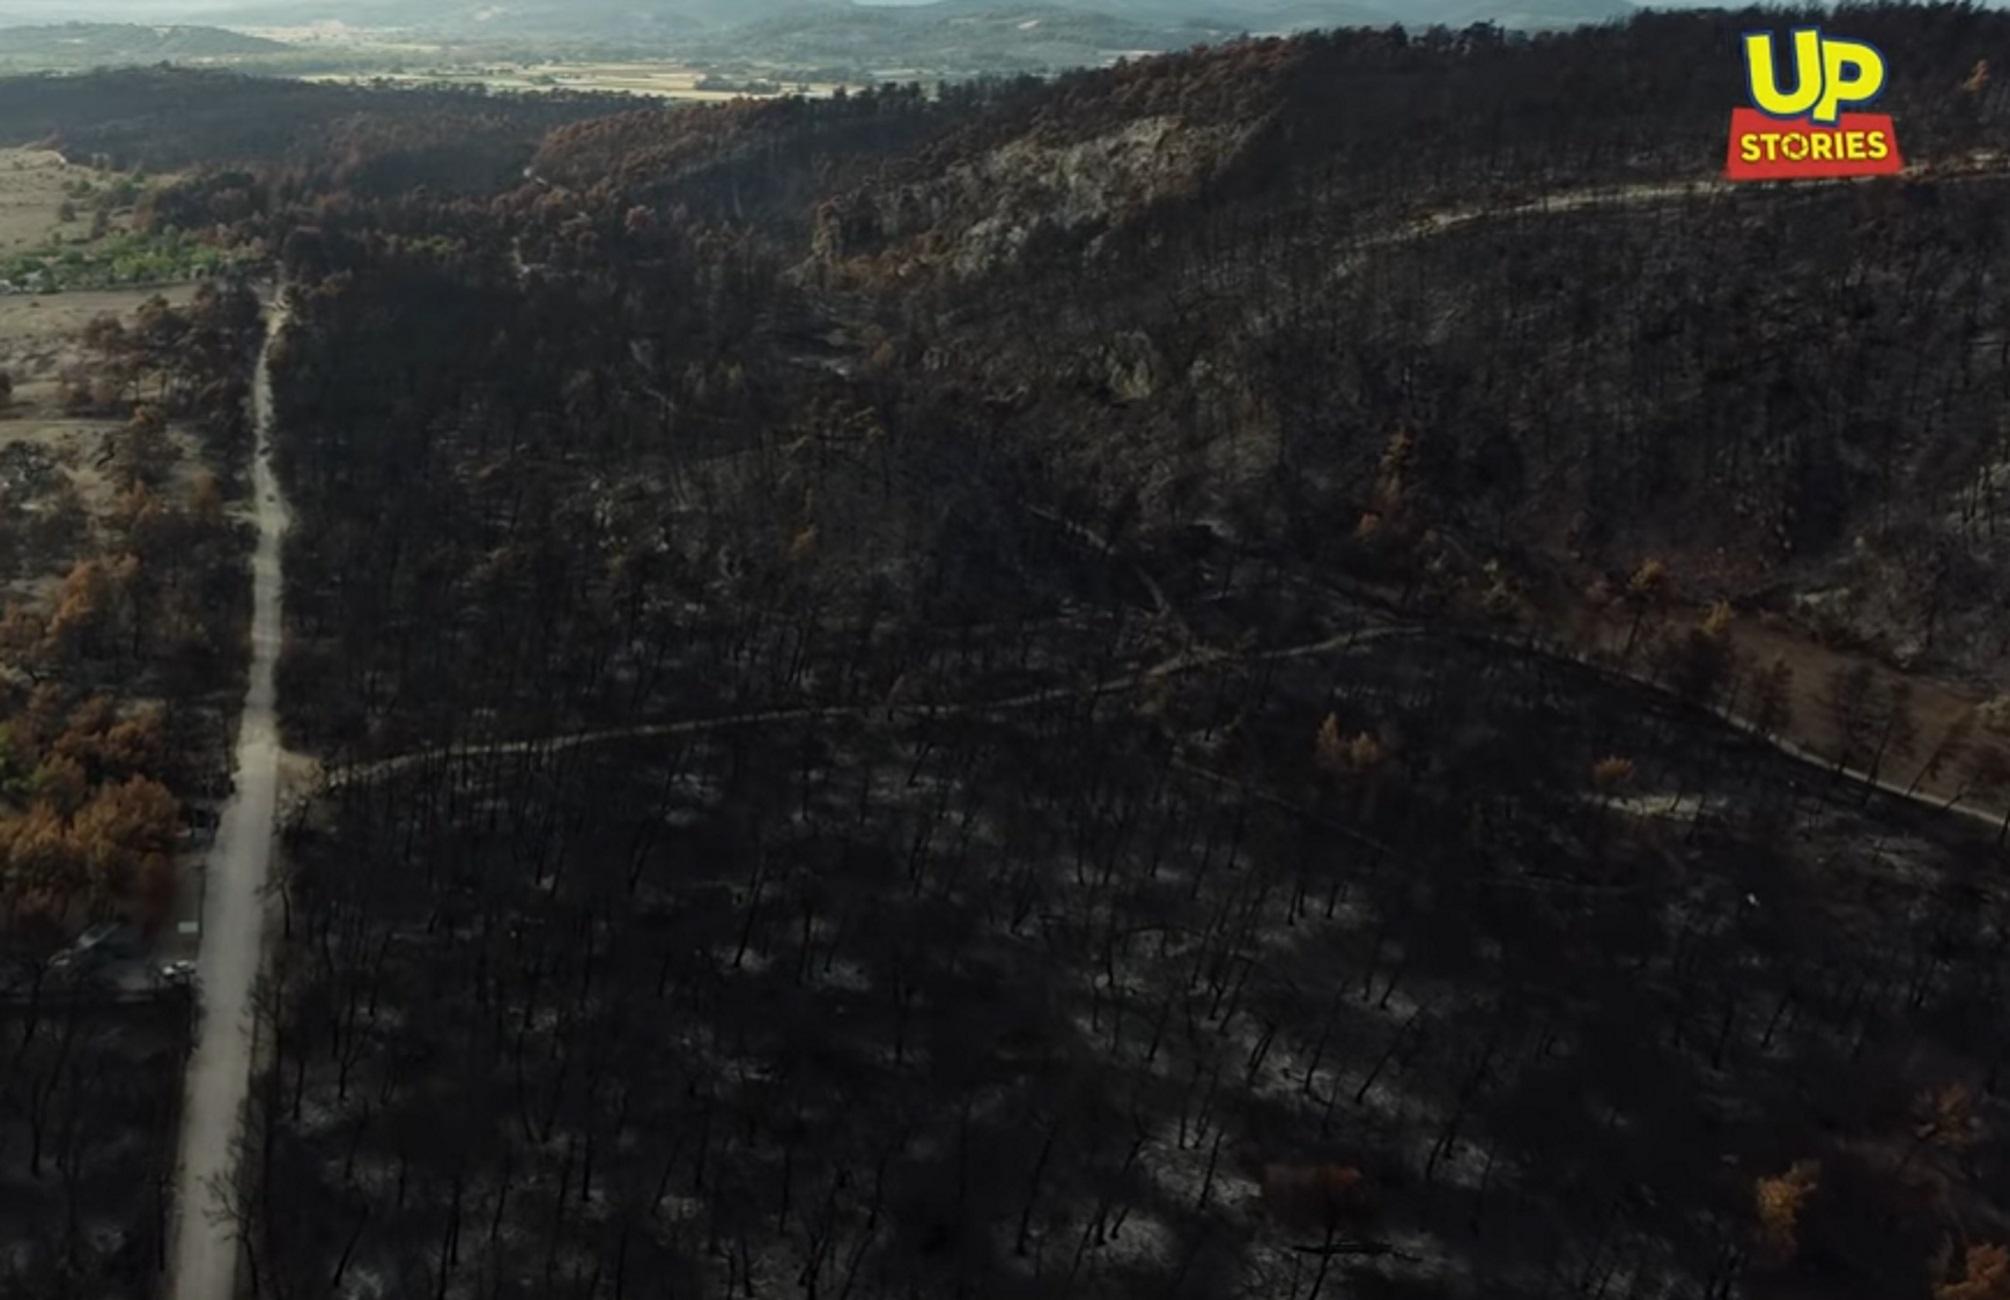 Εύβοια: Δείτε τις αποκαρδιωτικές εικόνες από drone ένα μήνα μετά την καταστροφική φωτιά